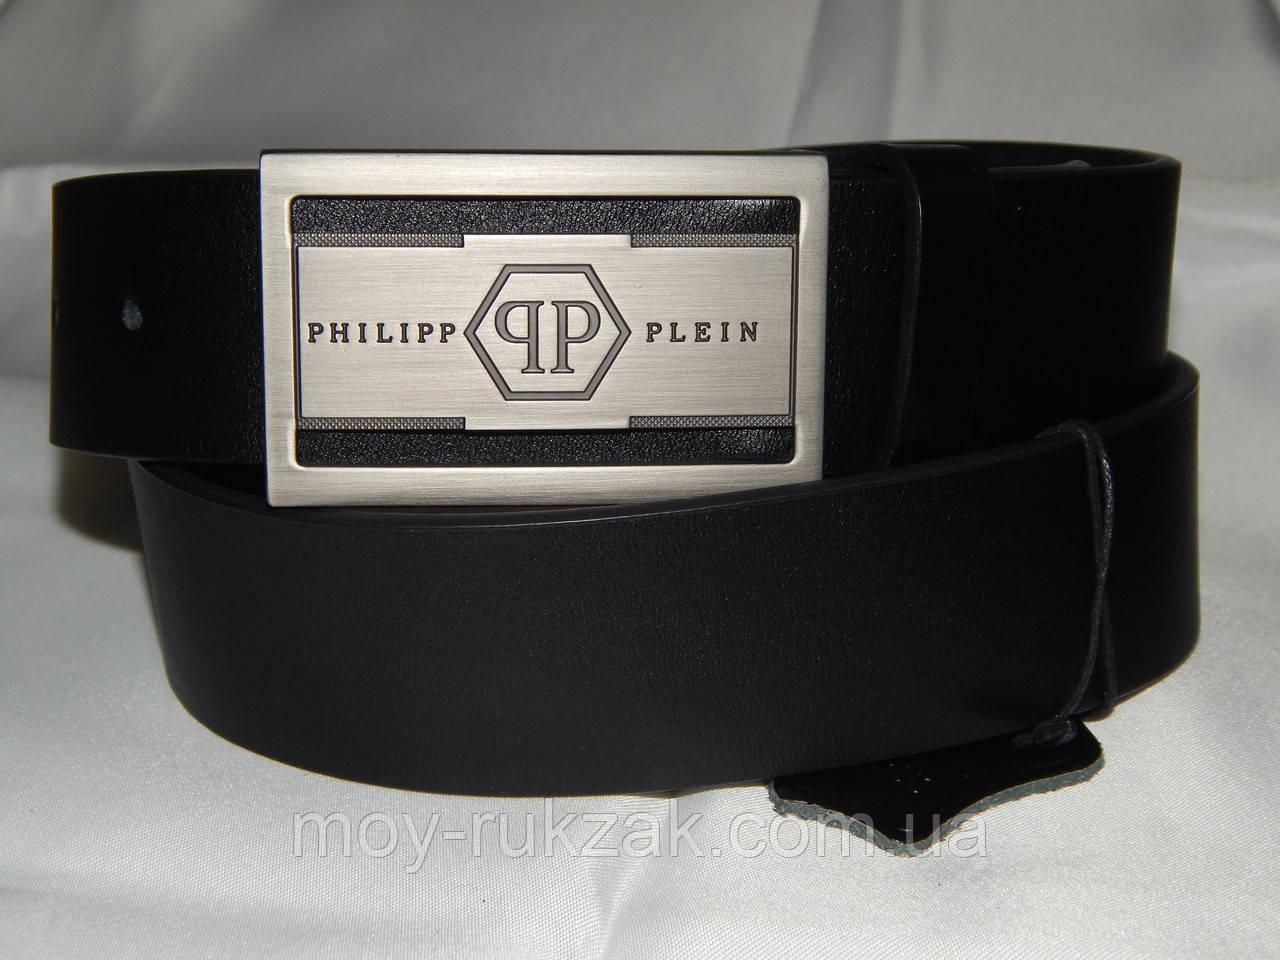 Ремень мужской кожаный PHILIPP PLEIN 40 мм, реплика 930485